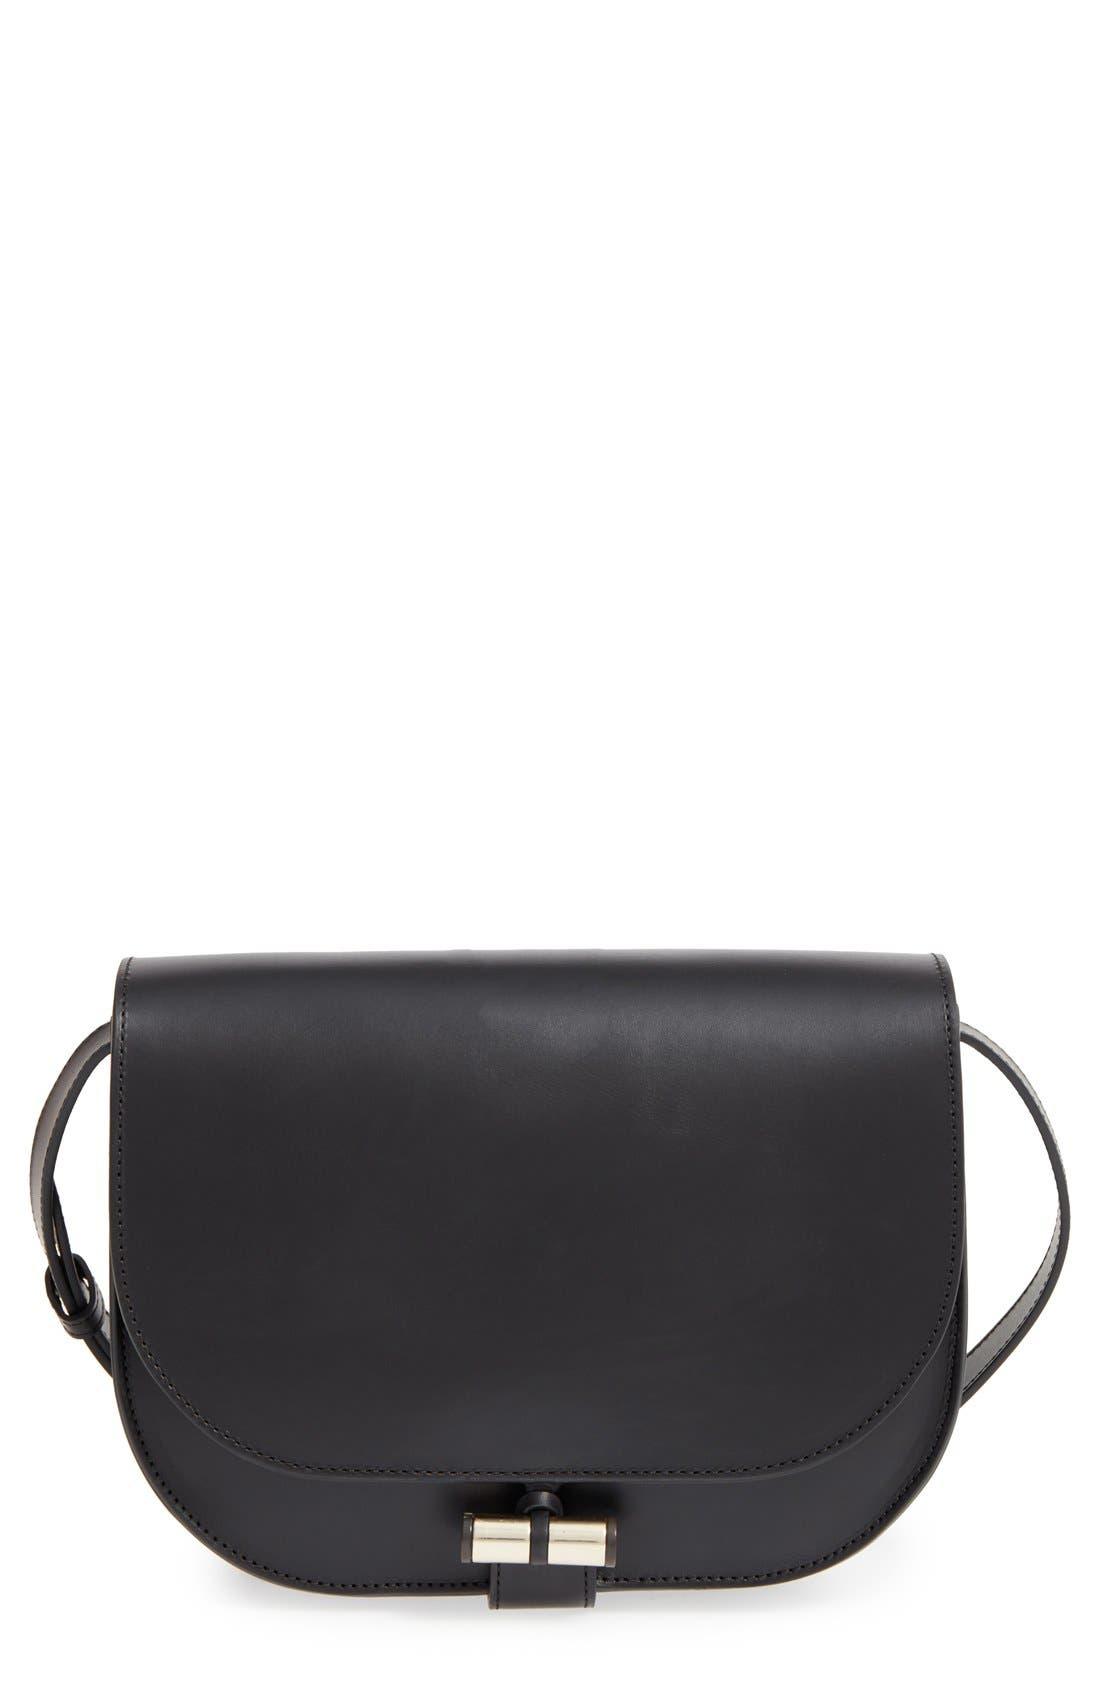 'Sac June' Leather Shoulder Bag, Main, color, 001